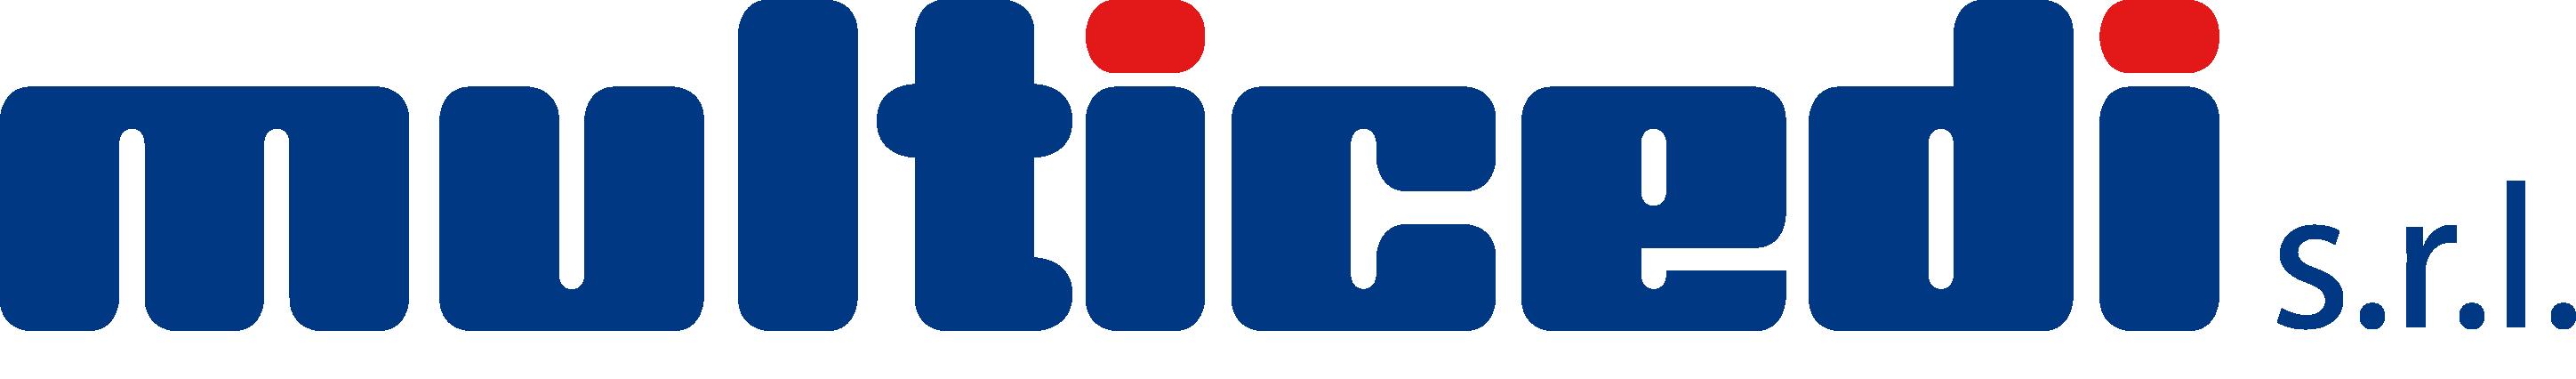 Logo Multicedi s.r.l. GDO (Grande Distribuzione Organizzata)